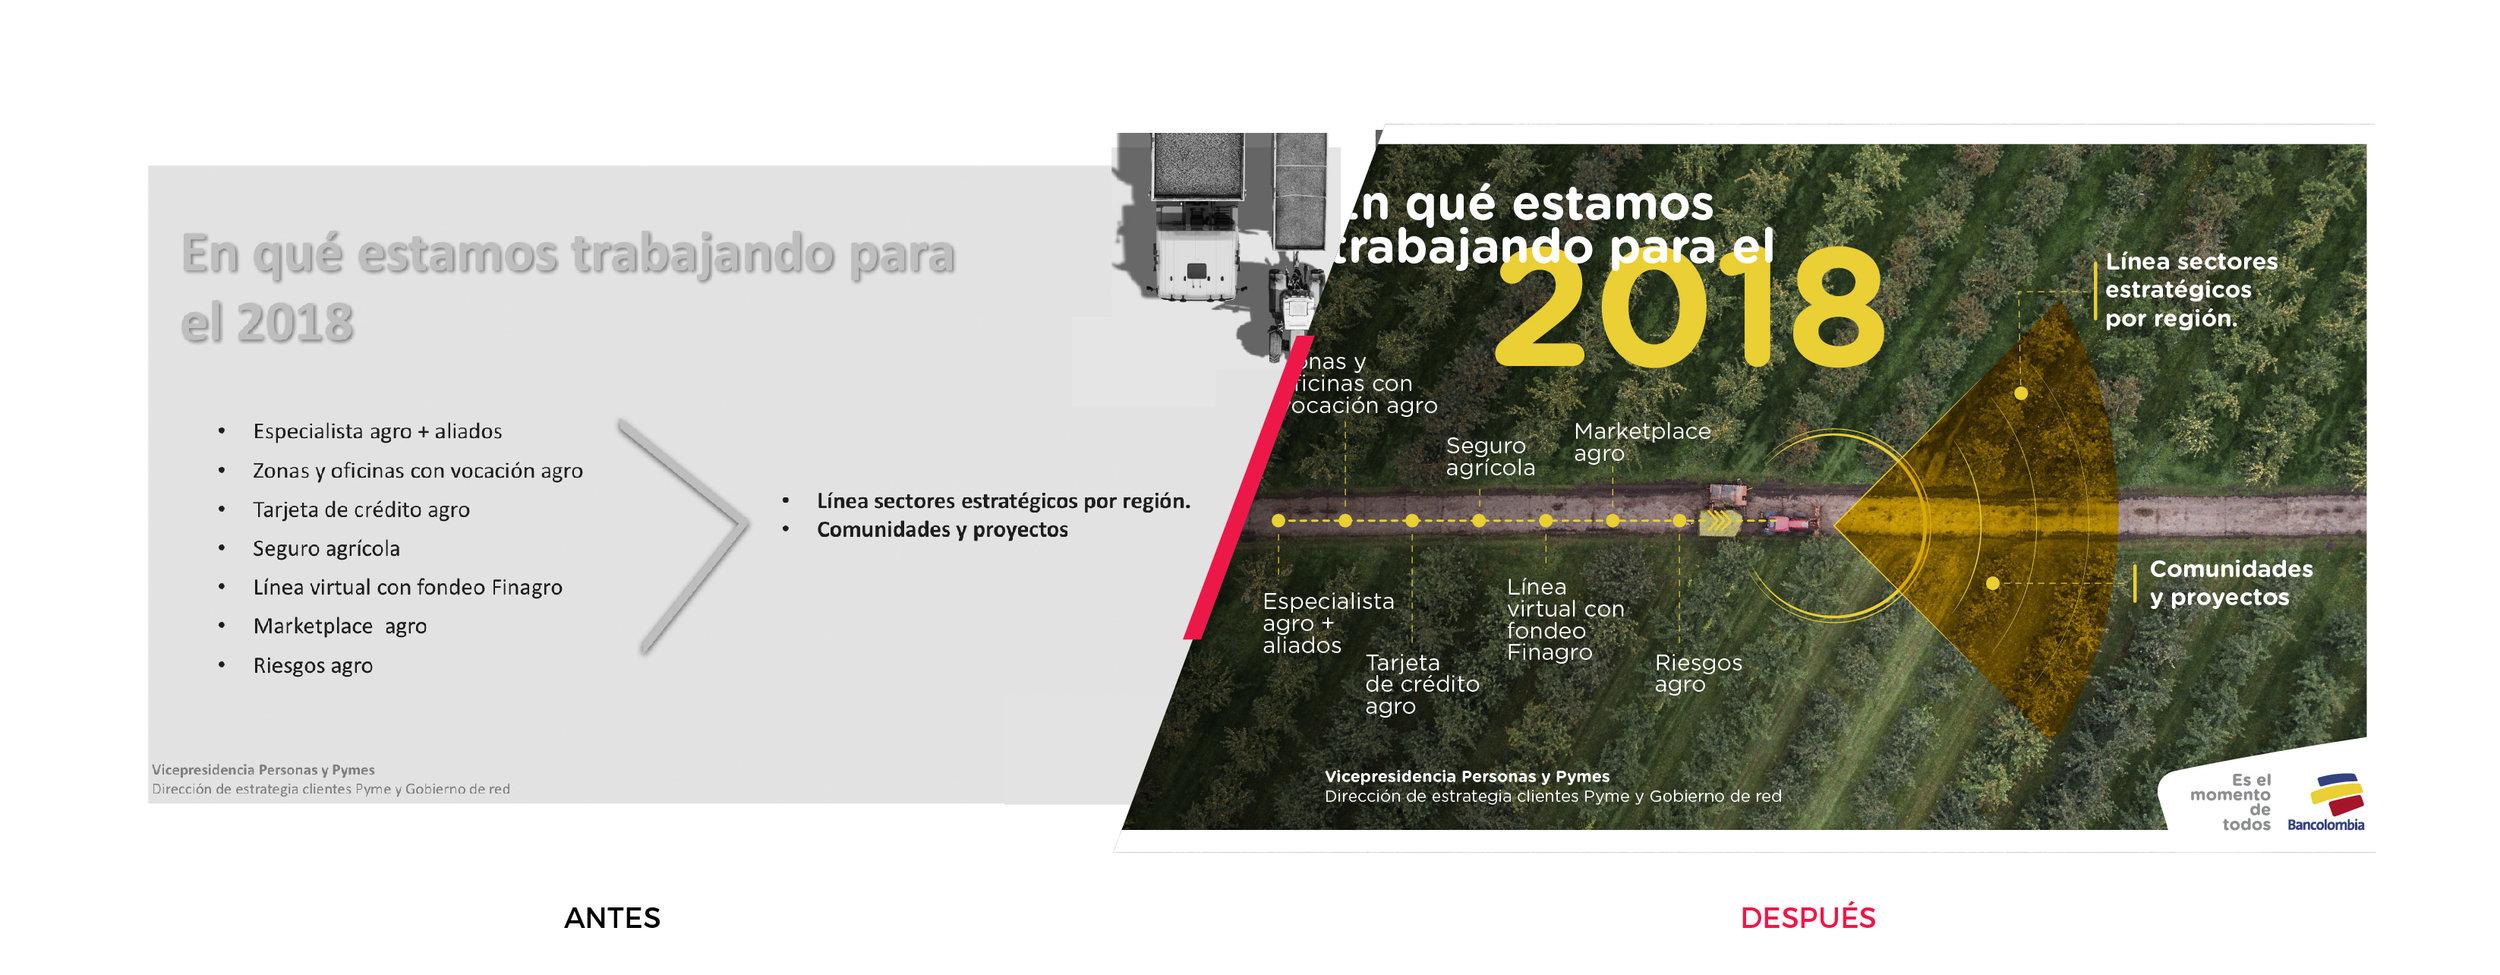 slide5-bancolombia-diseno-presentaciones